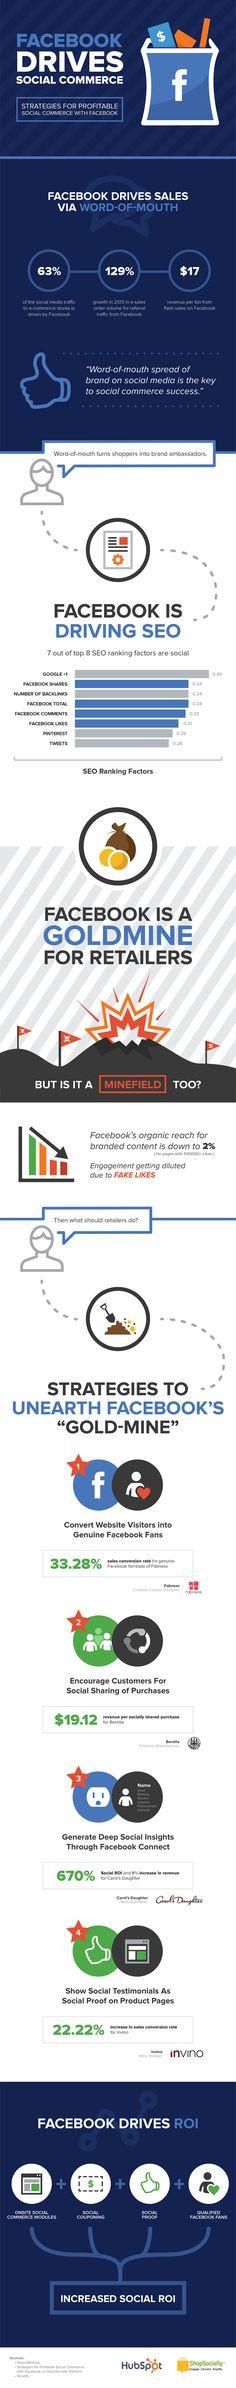 Cómo aumentar el ROI de tu Ecommerce gracias a Facebook. Vota este post aquí >> http://www.marketertop.com/ecommerce/como-aumentar-el-roi-de-tu-ecommerce-gracias-a-facebook-infografia/ #ecommerce #facebook #roi